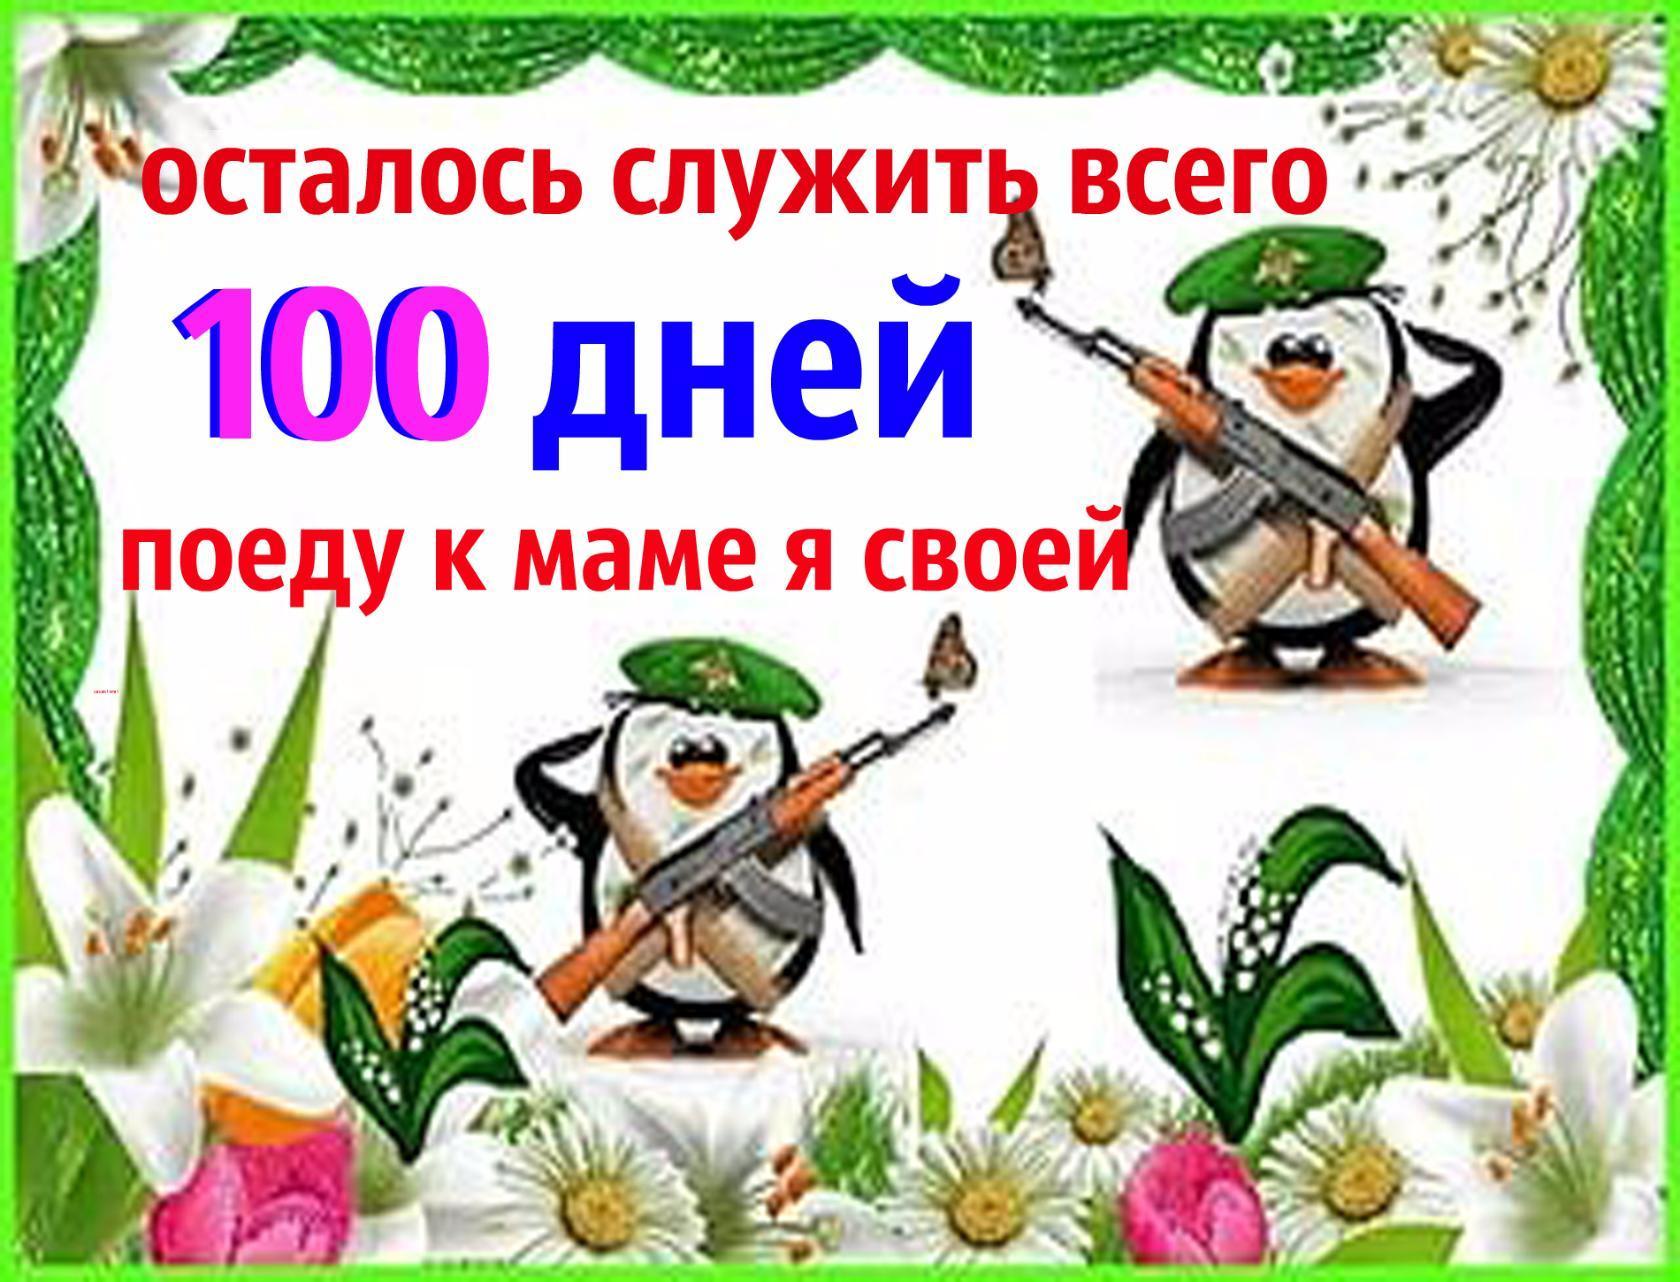 http://s1.uploads.ru/APlki.jpg